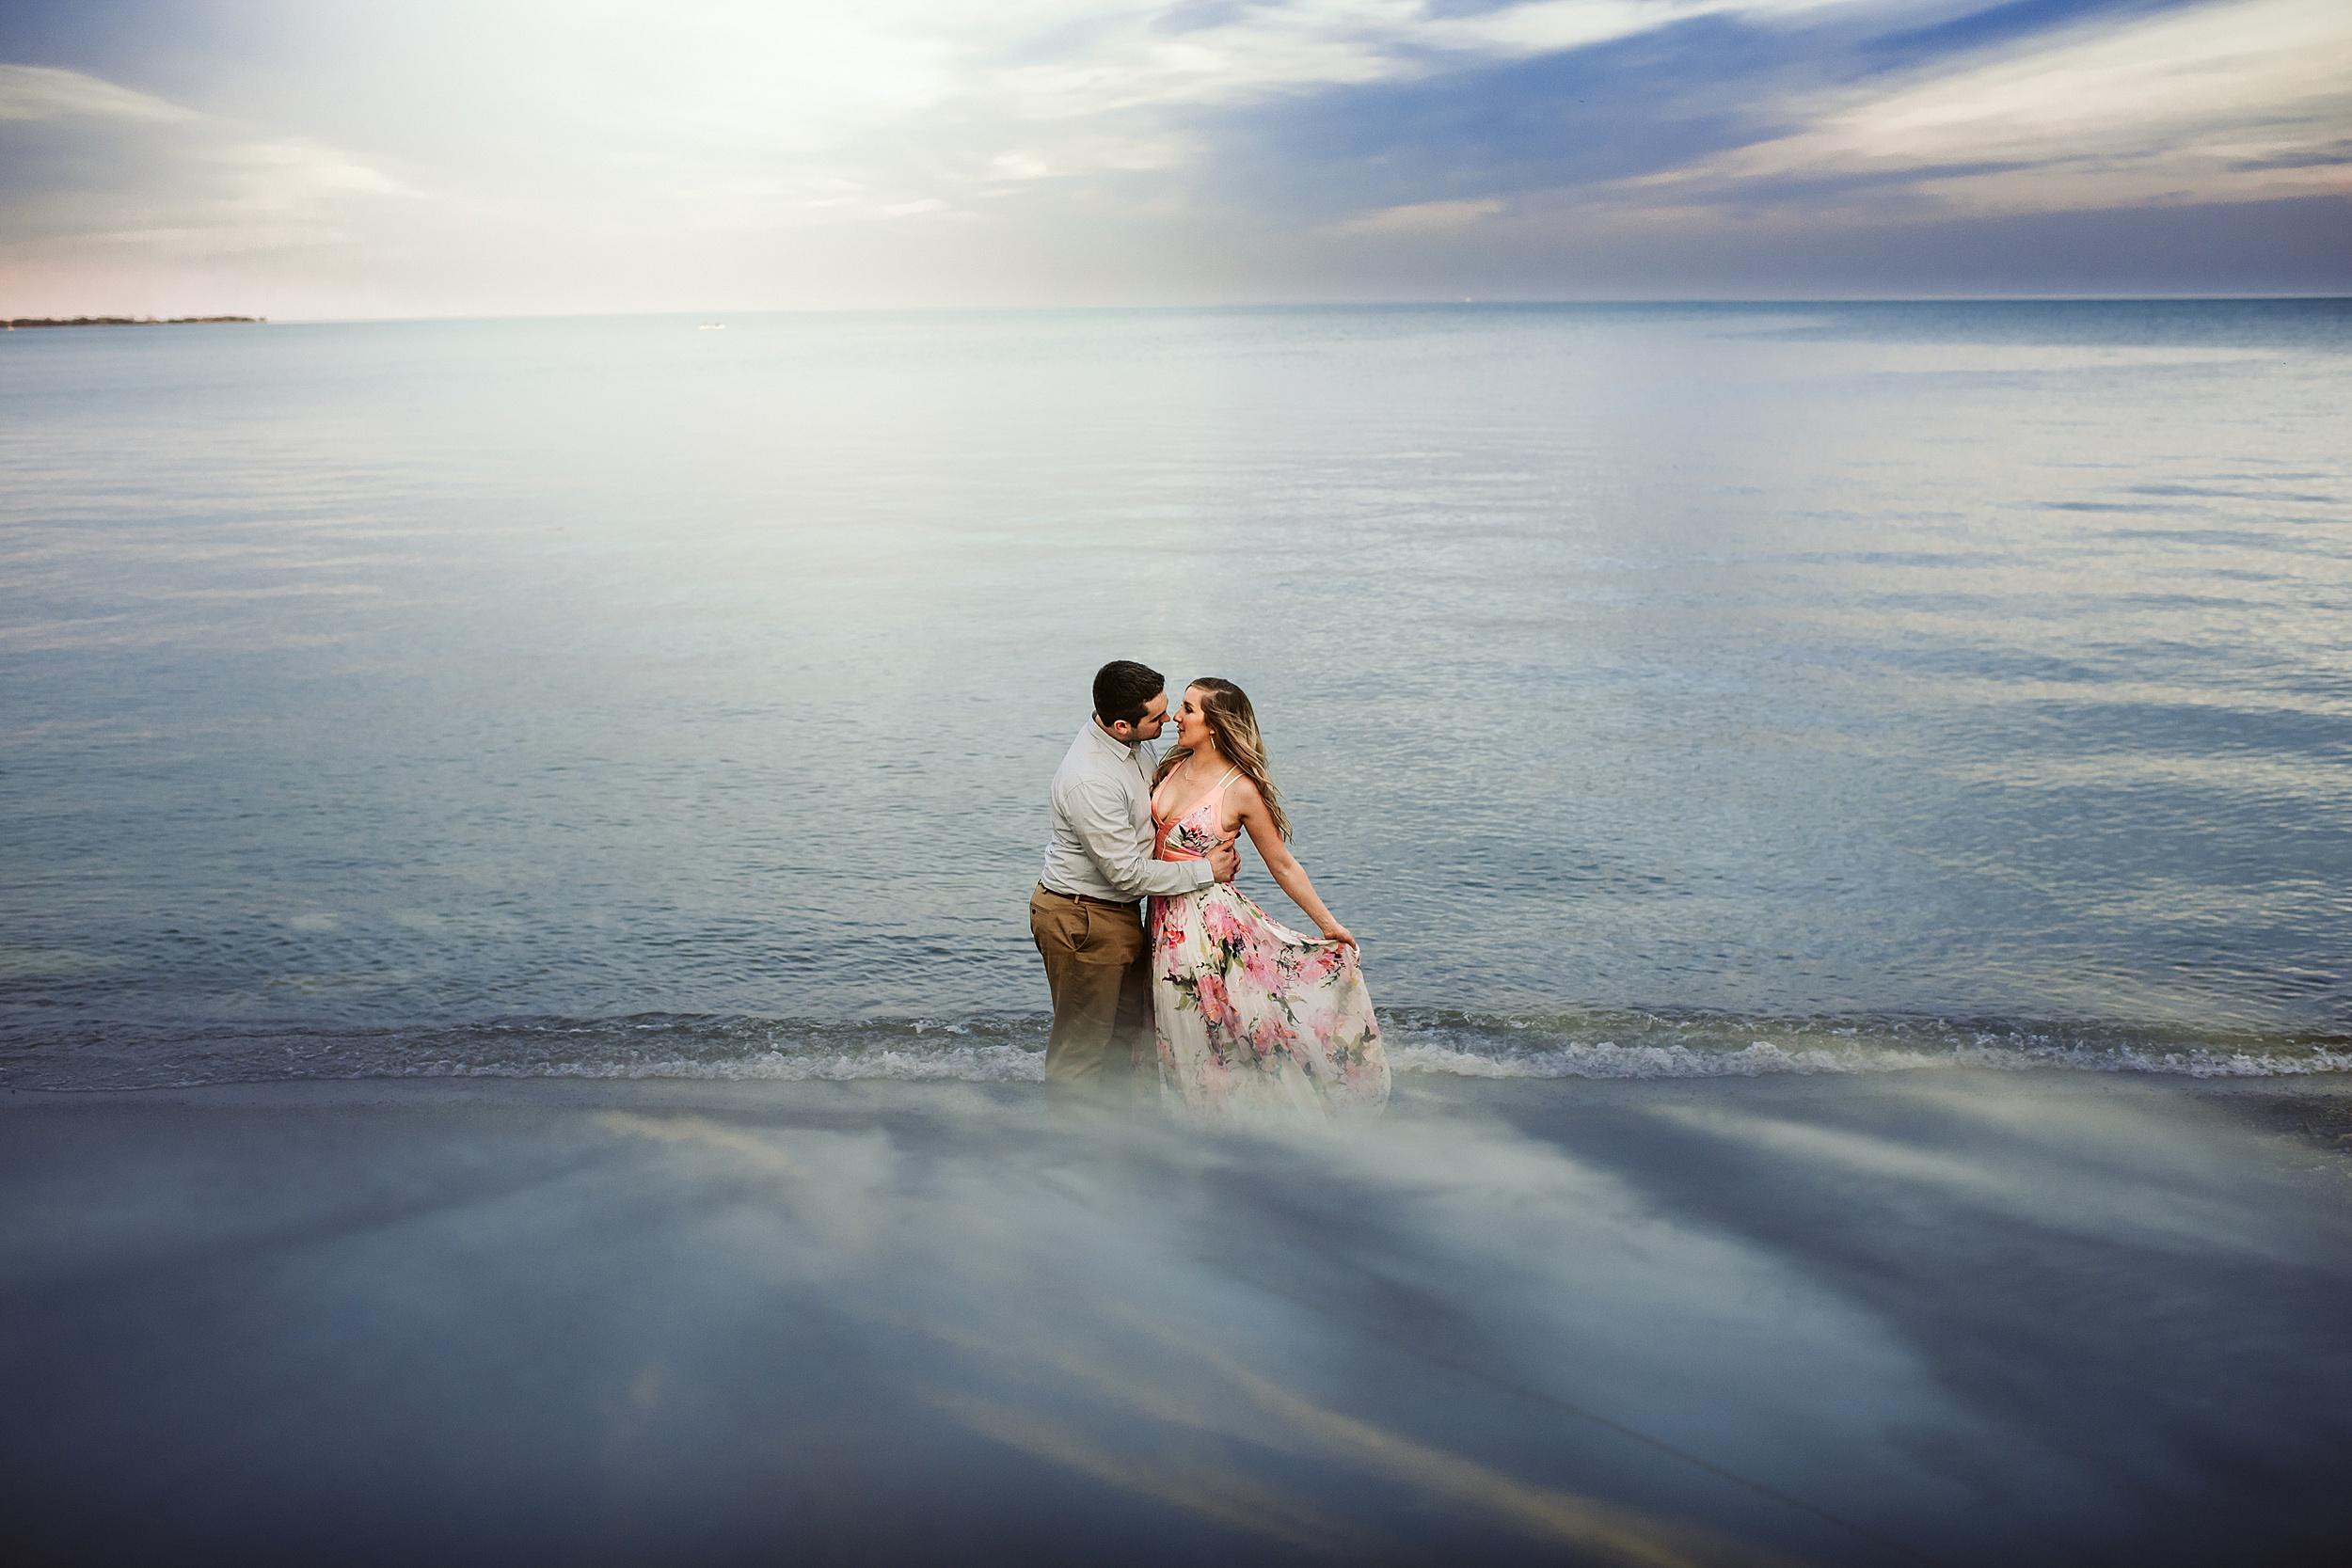 Toronto_Wedding_Photographers_Humber_Bay_Engagement_Shoot_Etobicoke_0033.jpg